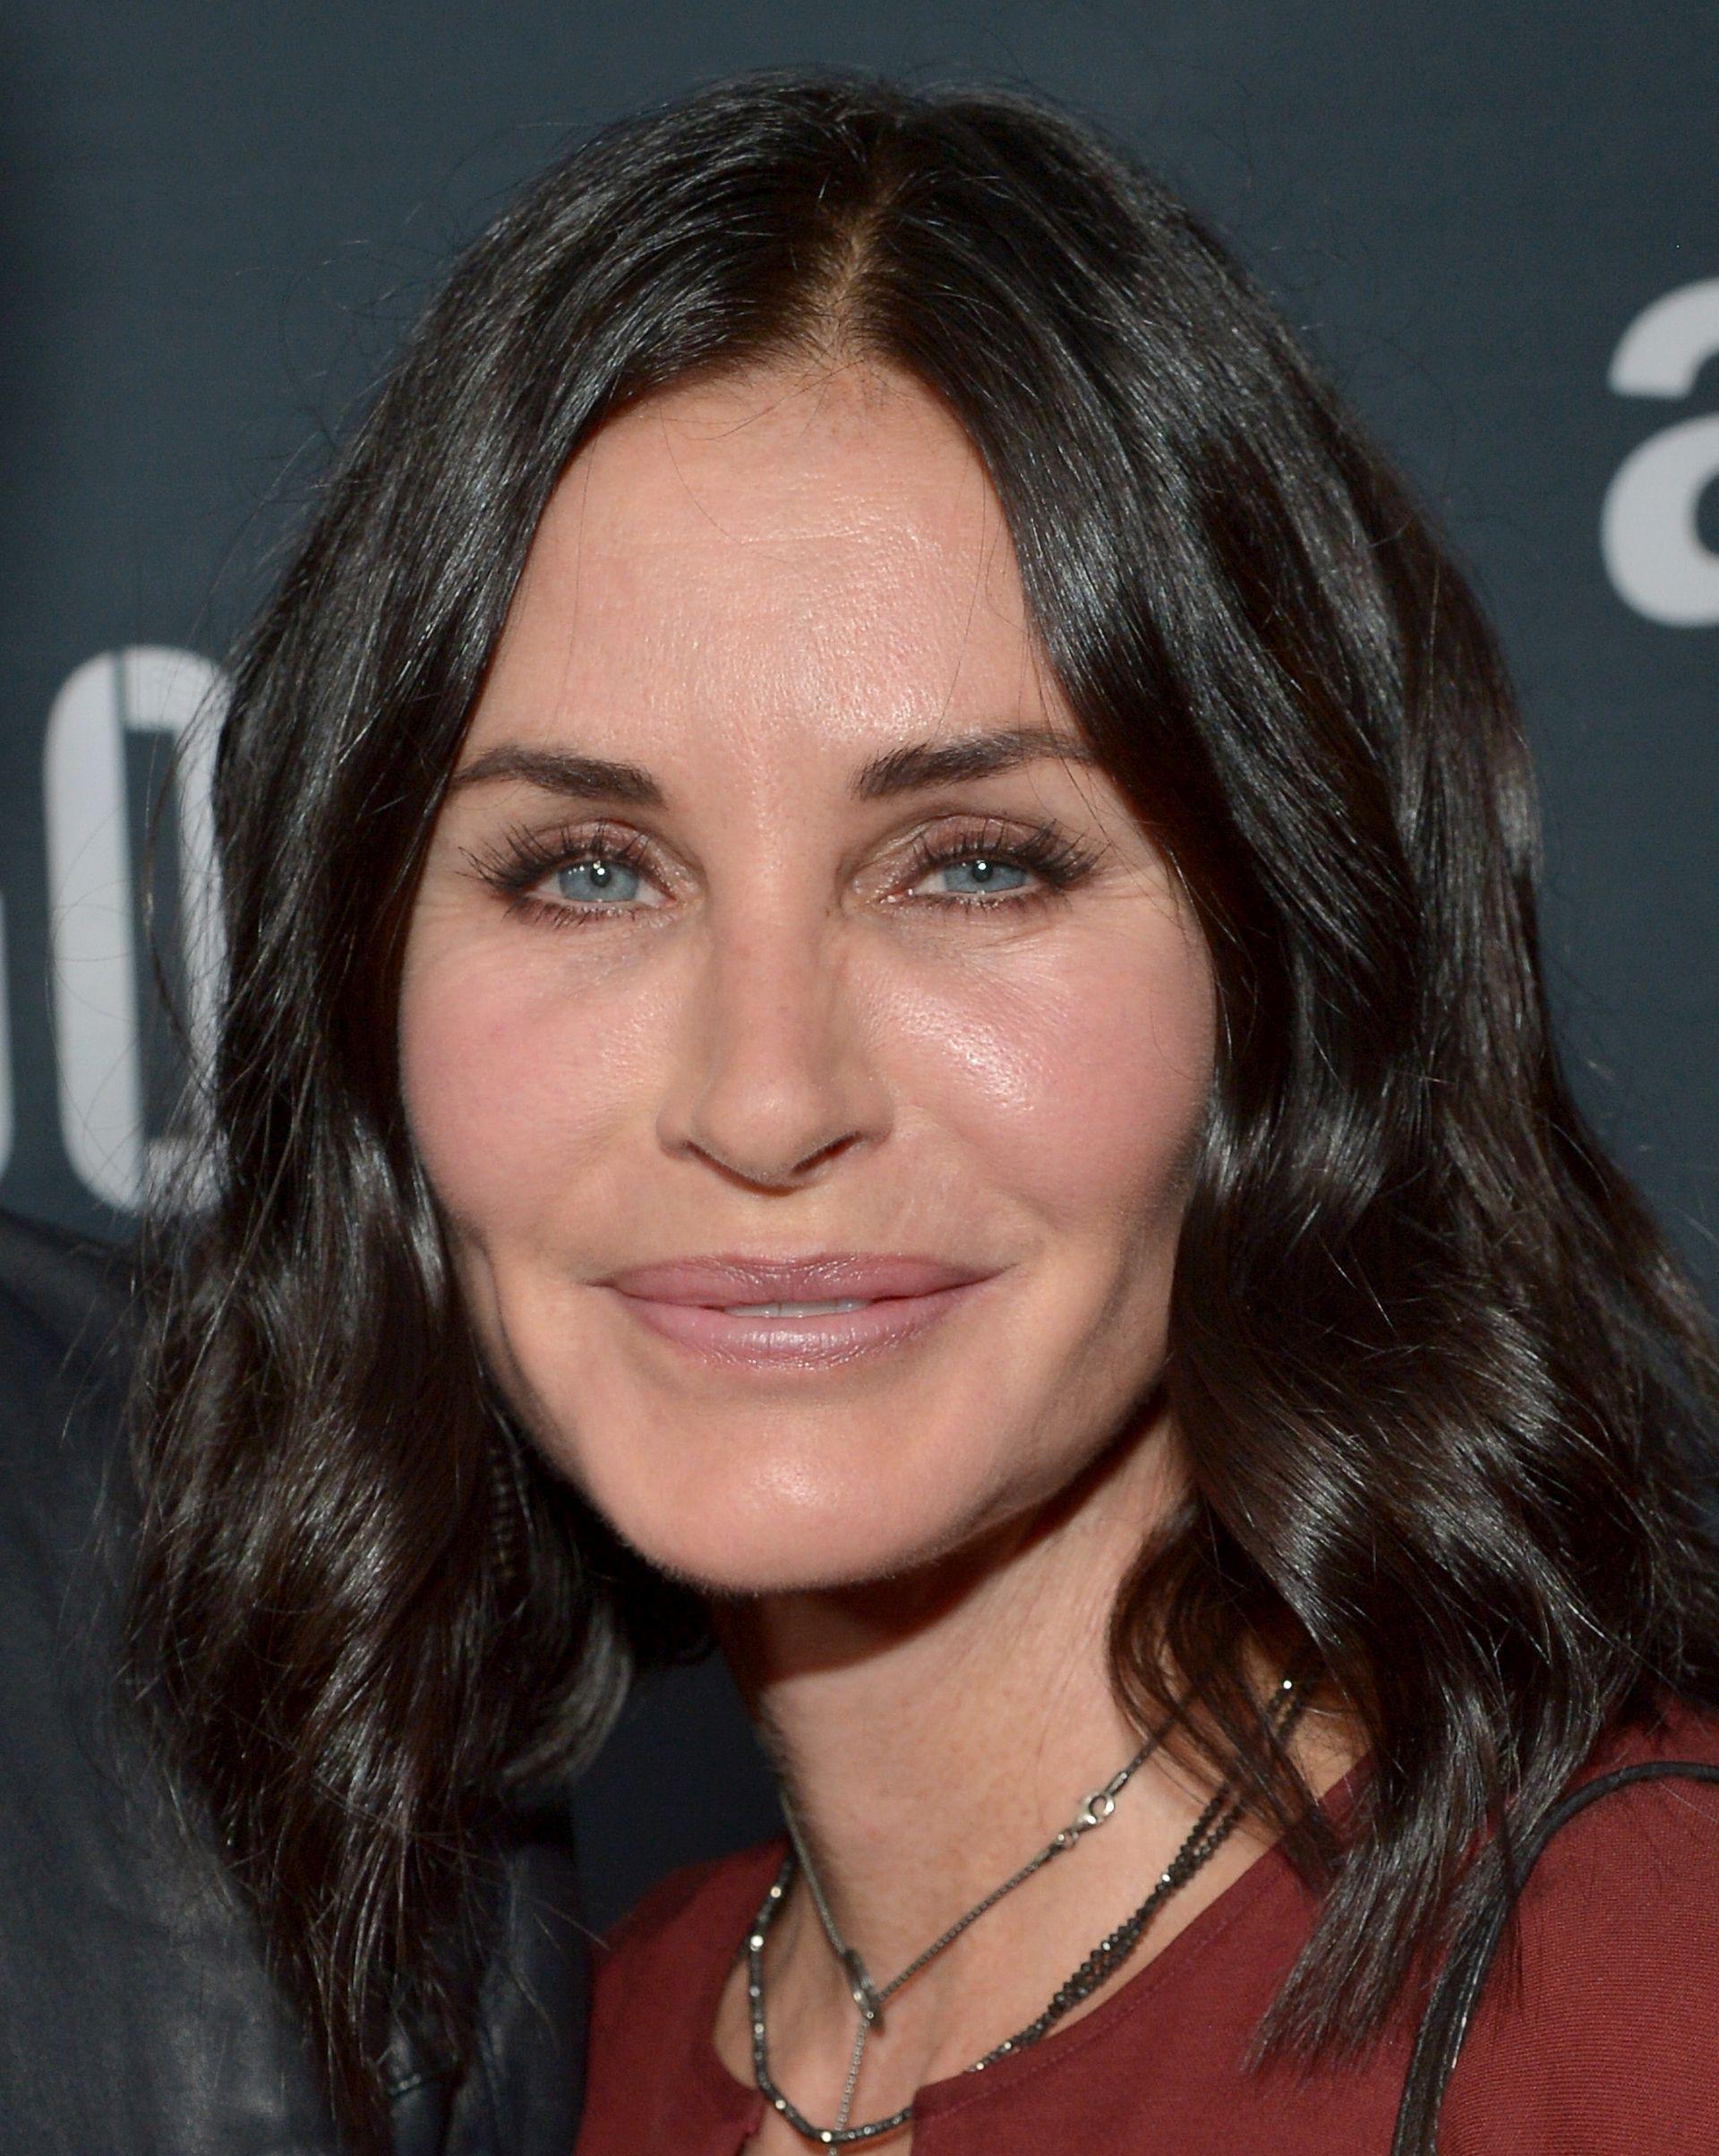 NEPREPOZNATLJIVA Je li simpatična prijateljica Monica malo pretjerala s Botoxom?